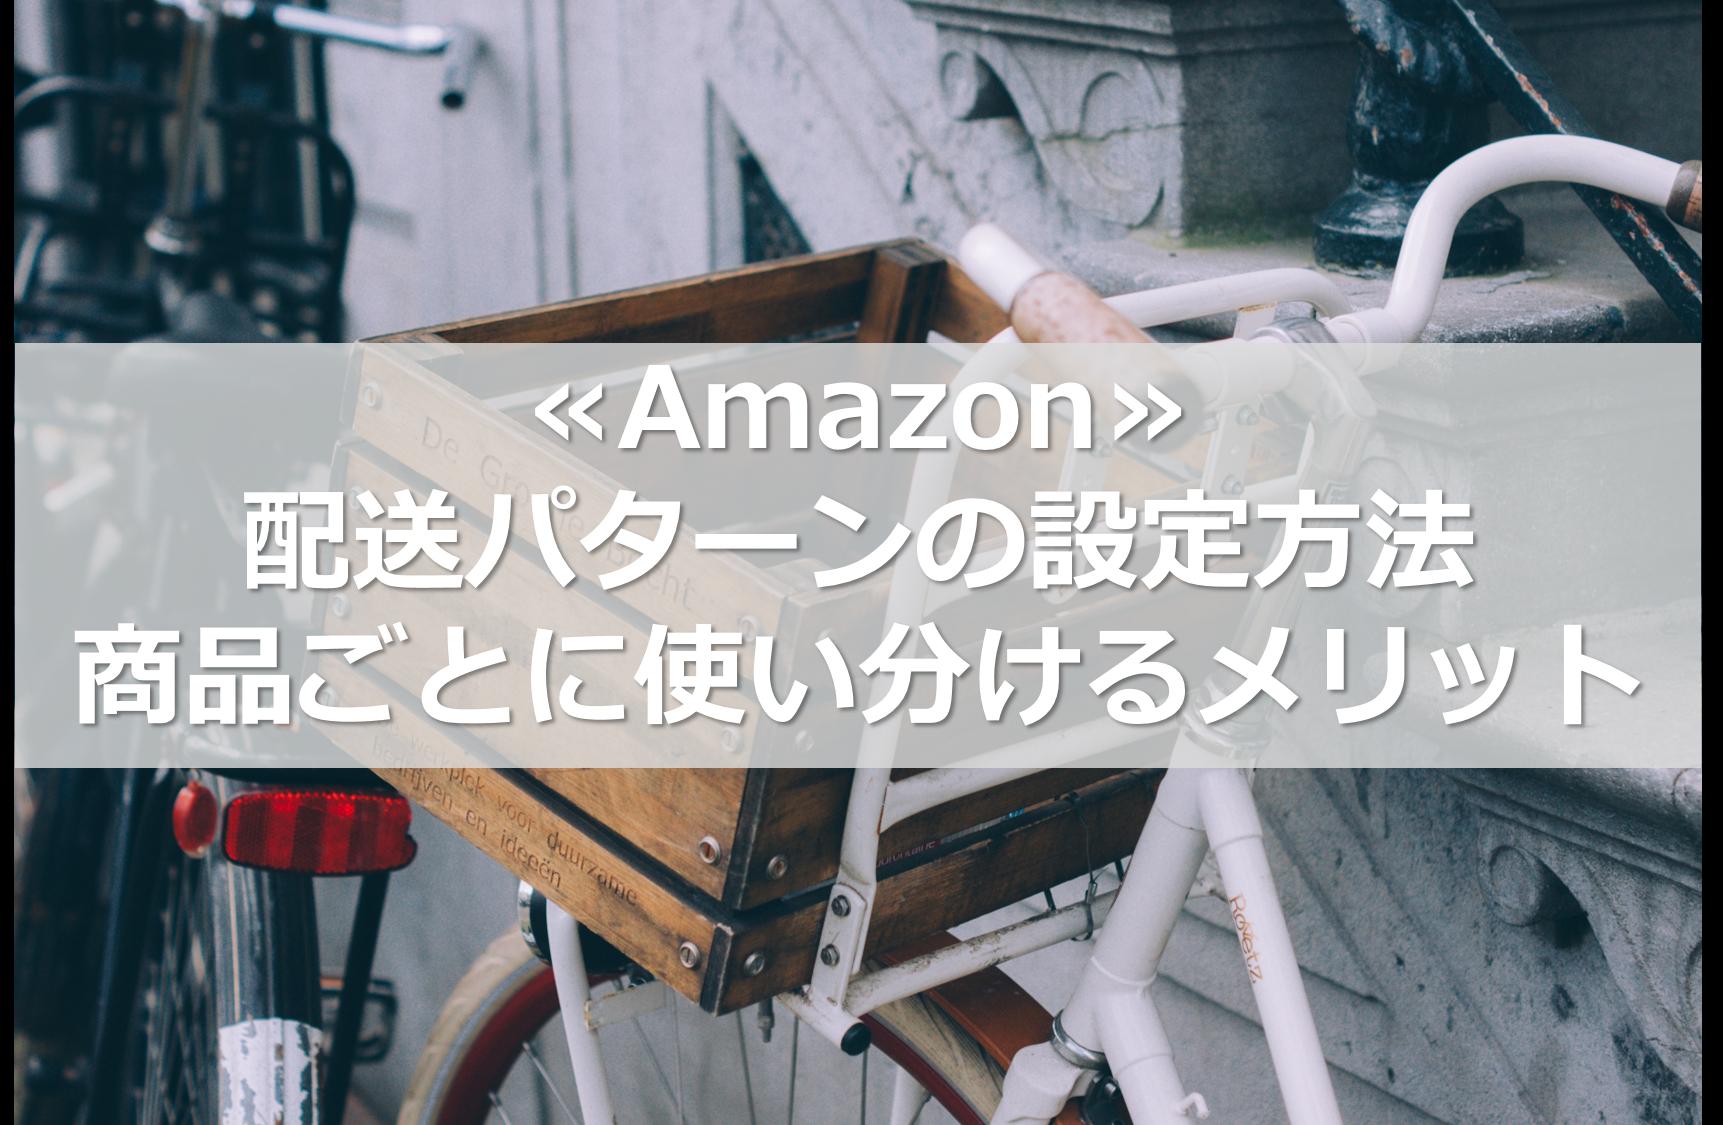 ≪Amazon≫配送パターンの設定方法 商品ごとに使い分けるメリット